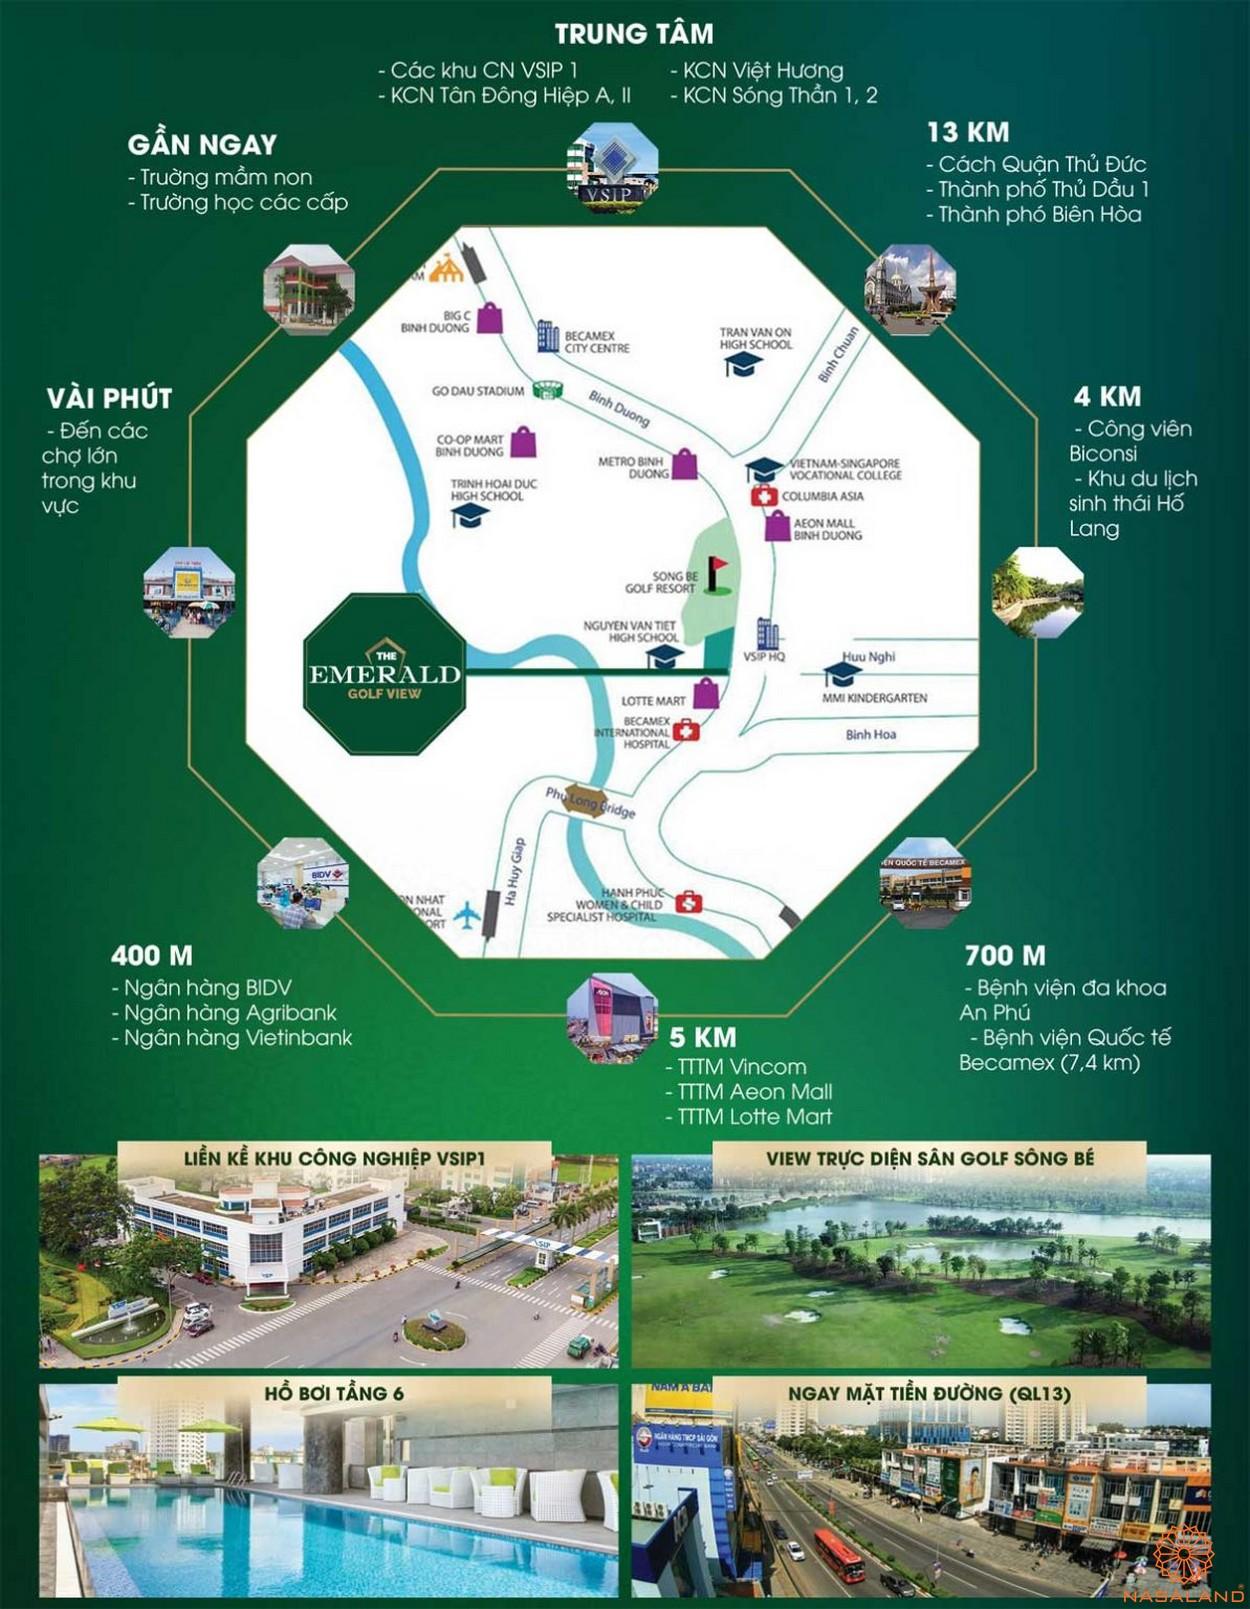 Tiện ích ngoại khu dự án căn hộ The Emerald Golf View Bình Dương